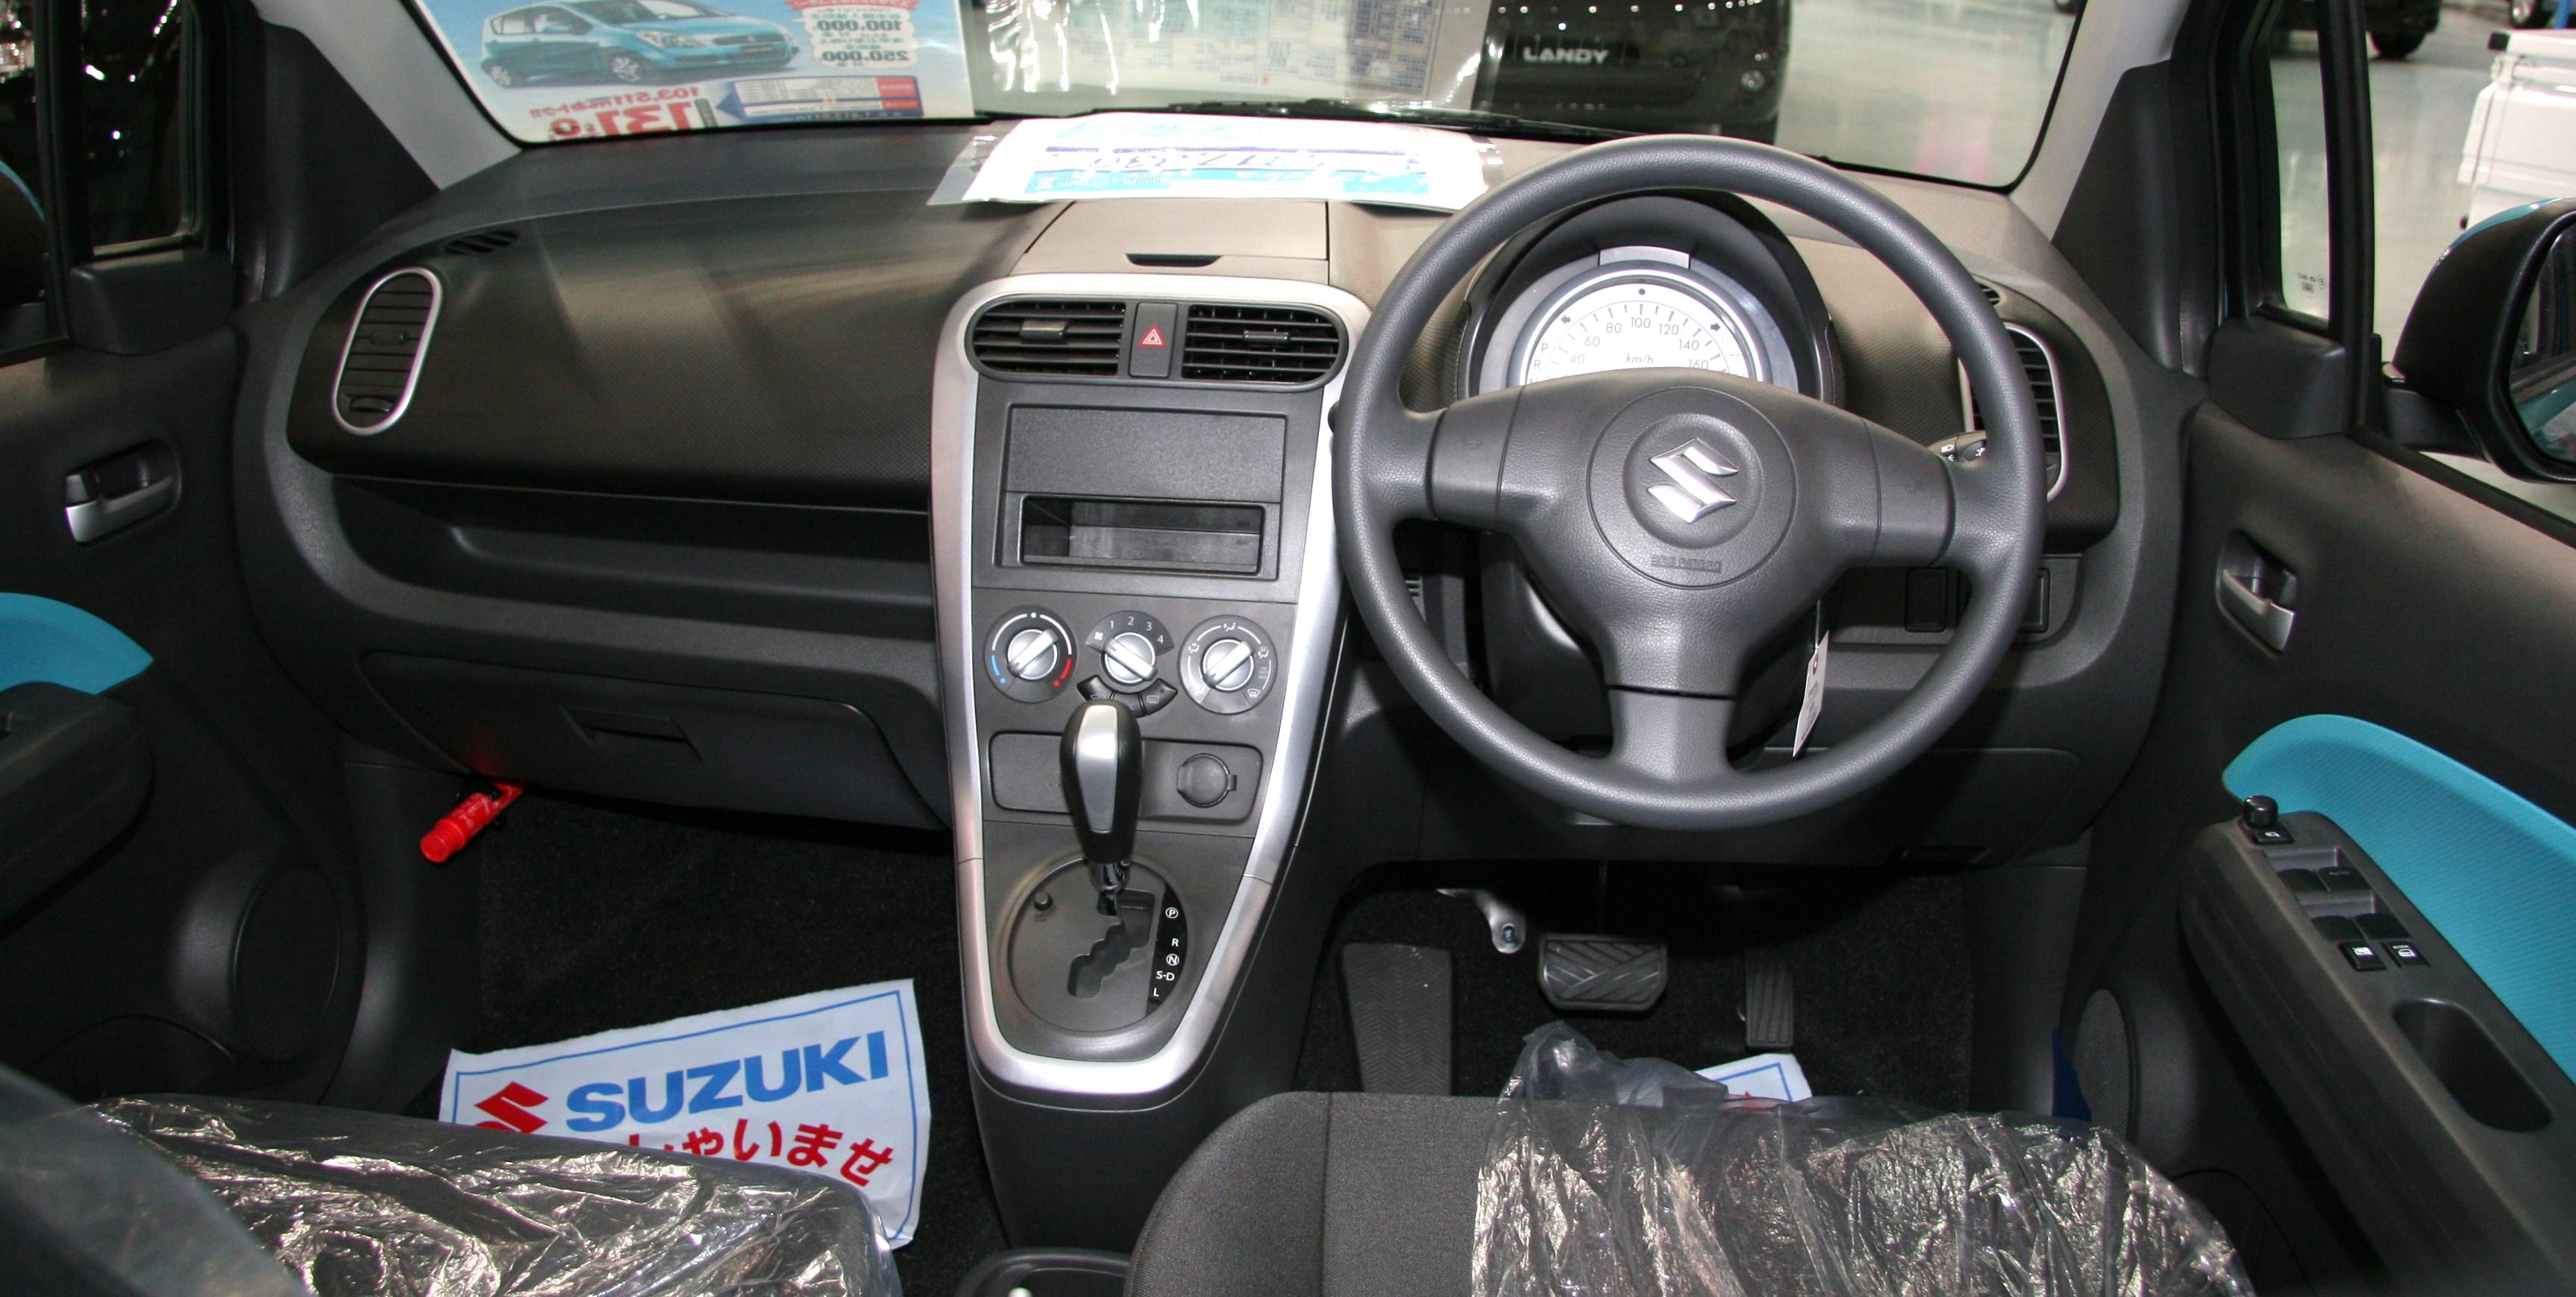 Suzuki Samurai Interior Accessories